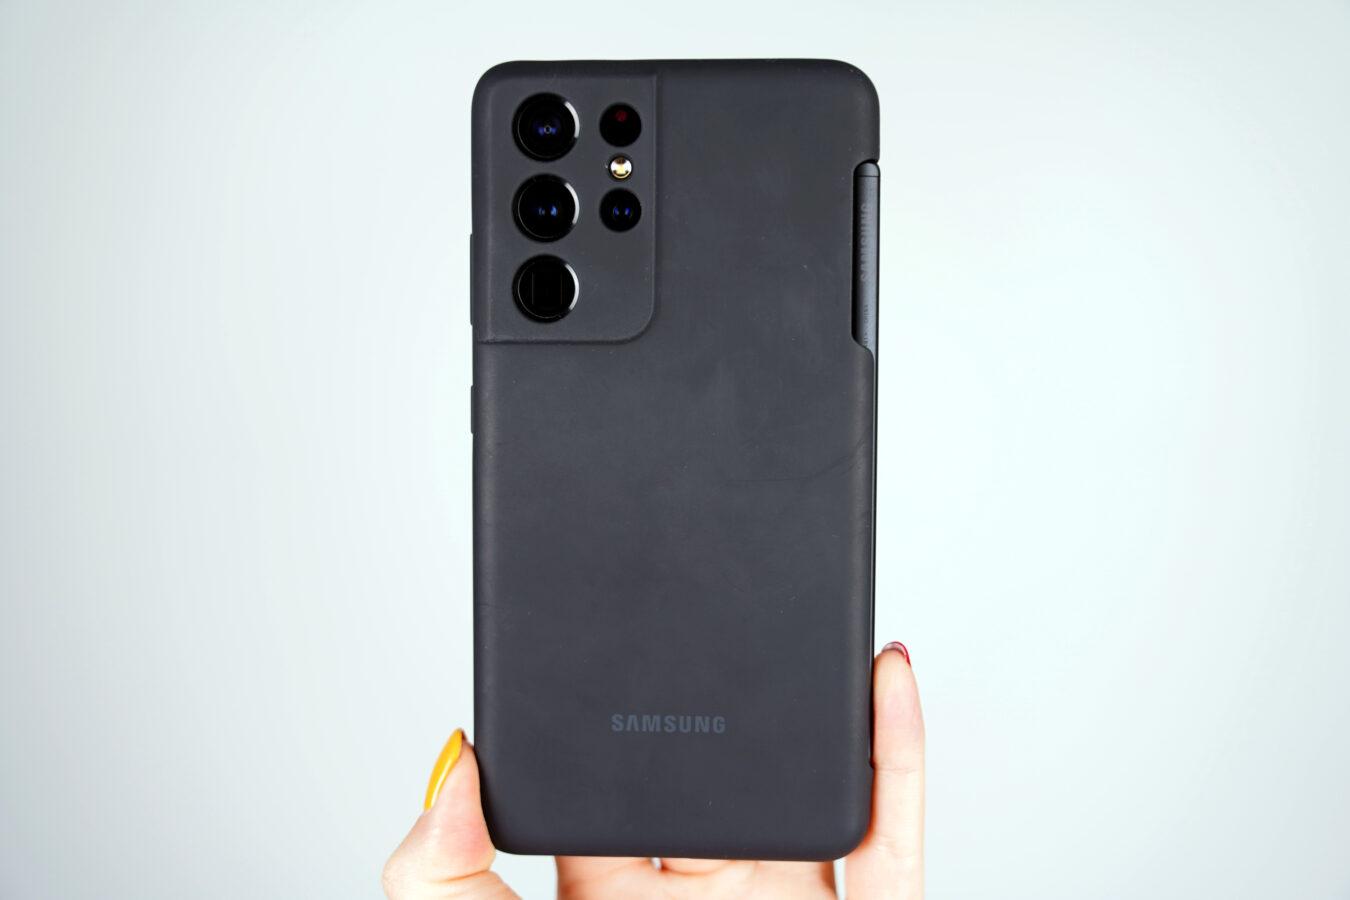 Jeszcze nie wiemy, jak będzie wyglądać Samsung Galaxy S22 Ultra, więc nie zaszkodzi nacieszyć oko poprzednikiem :)